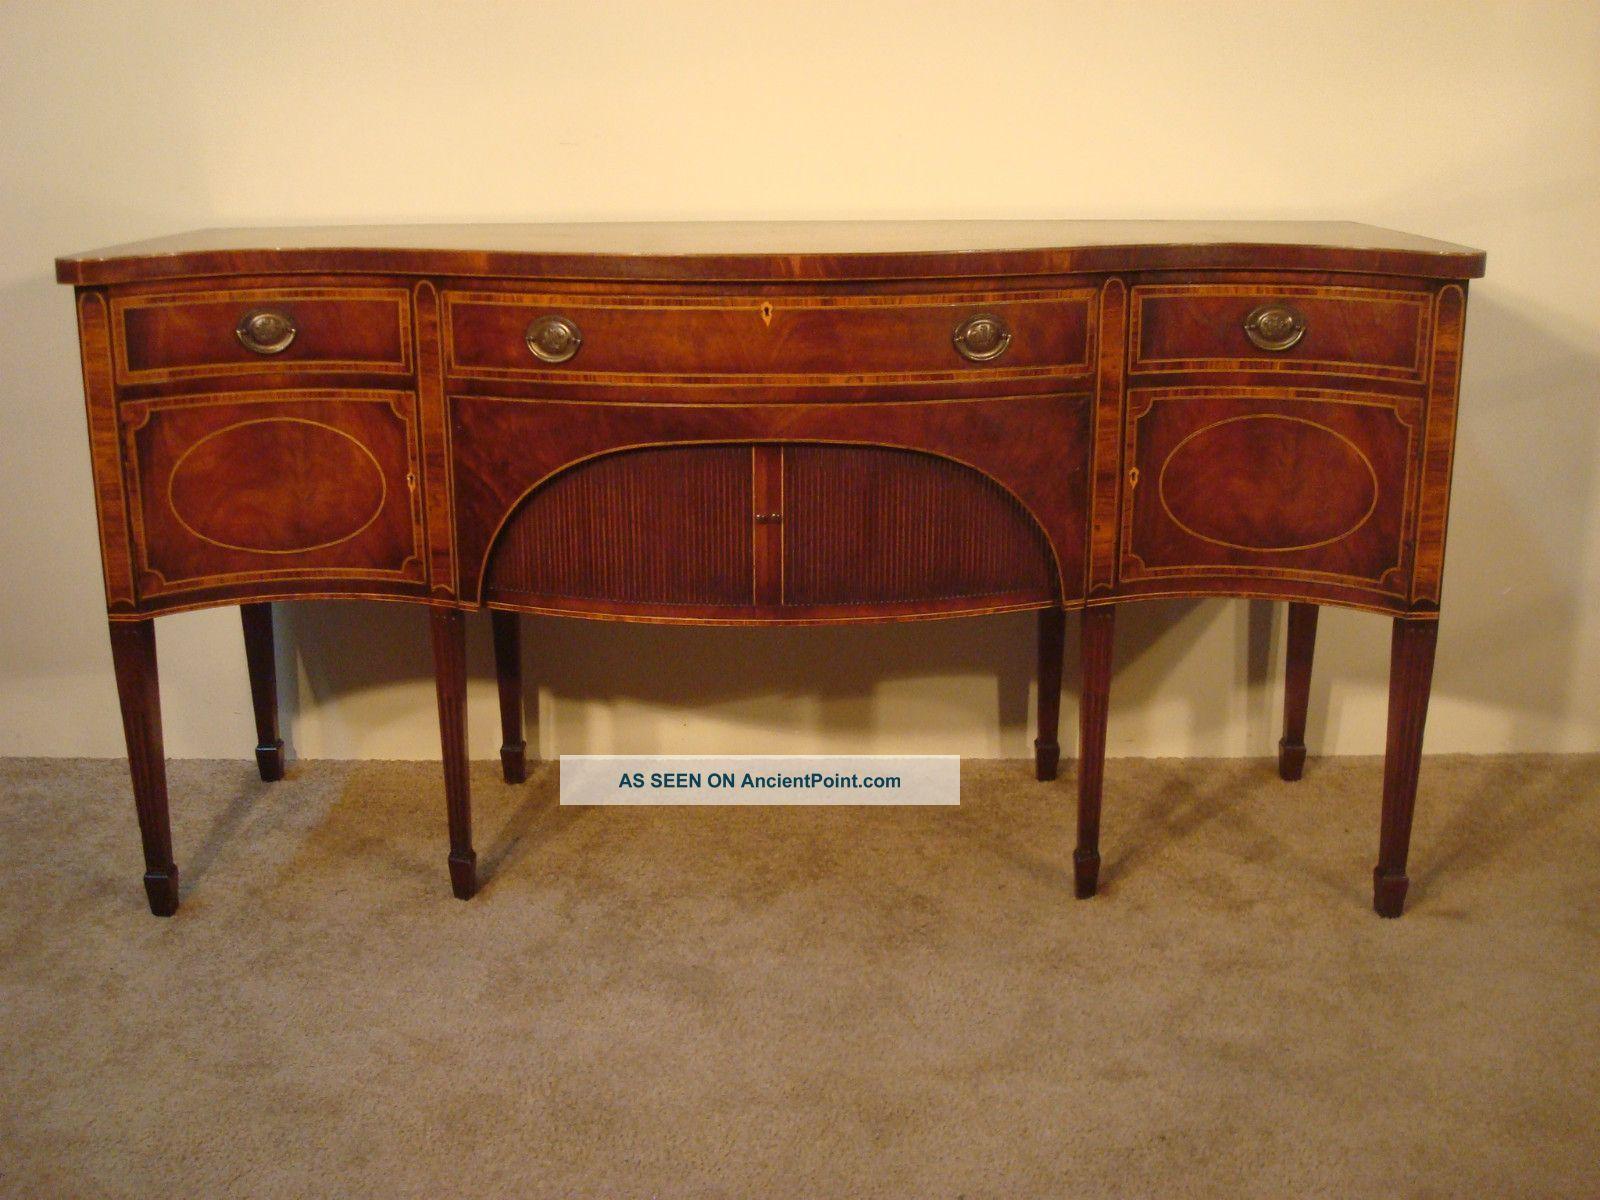 Antique Baker Furniture Sideboard furniture and similar decor on ...